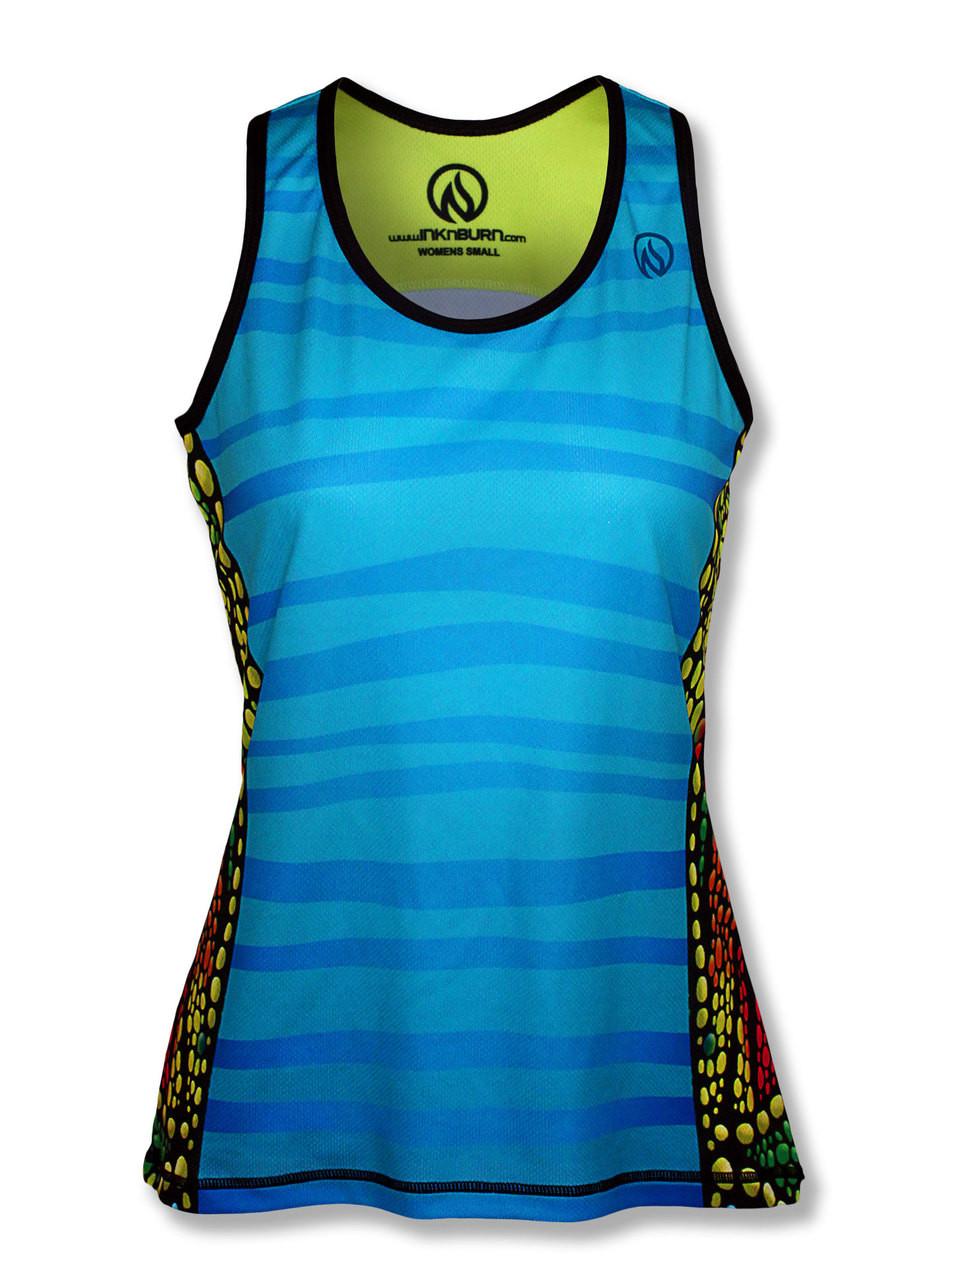 063bf8d699ad03 Women s Chameleon Singlet or Tank for running